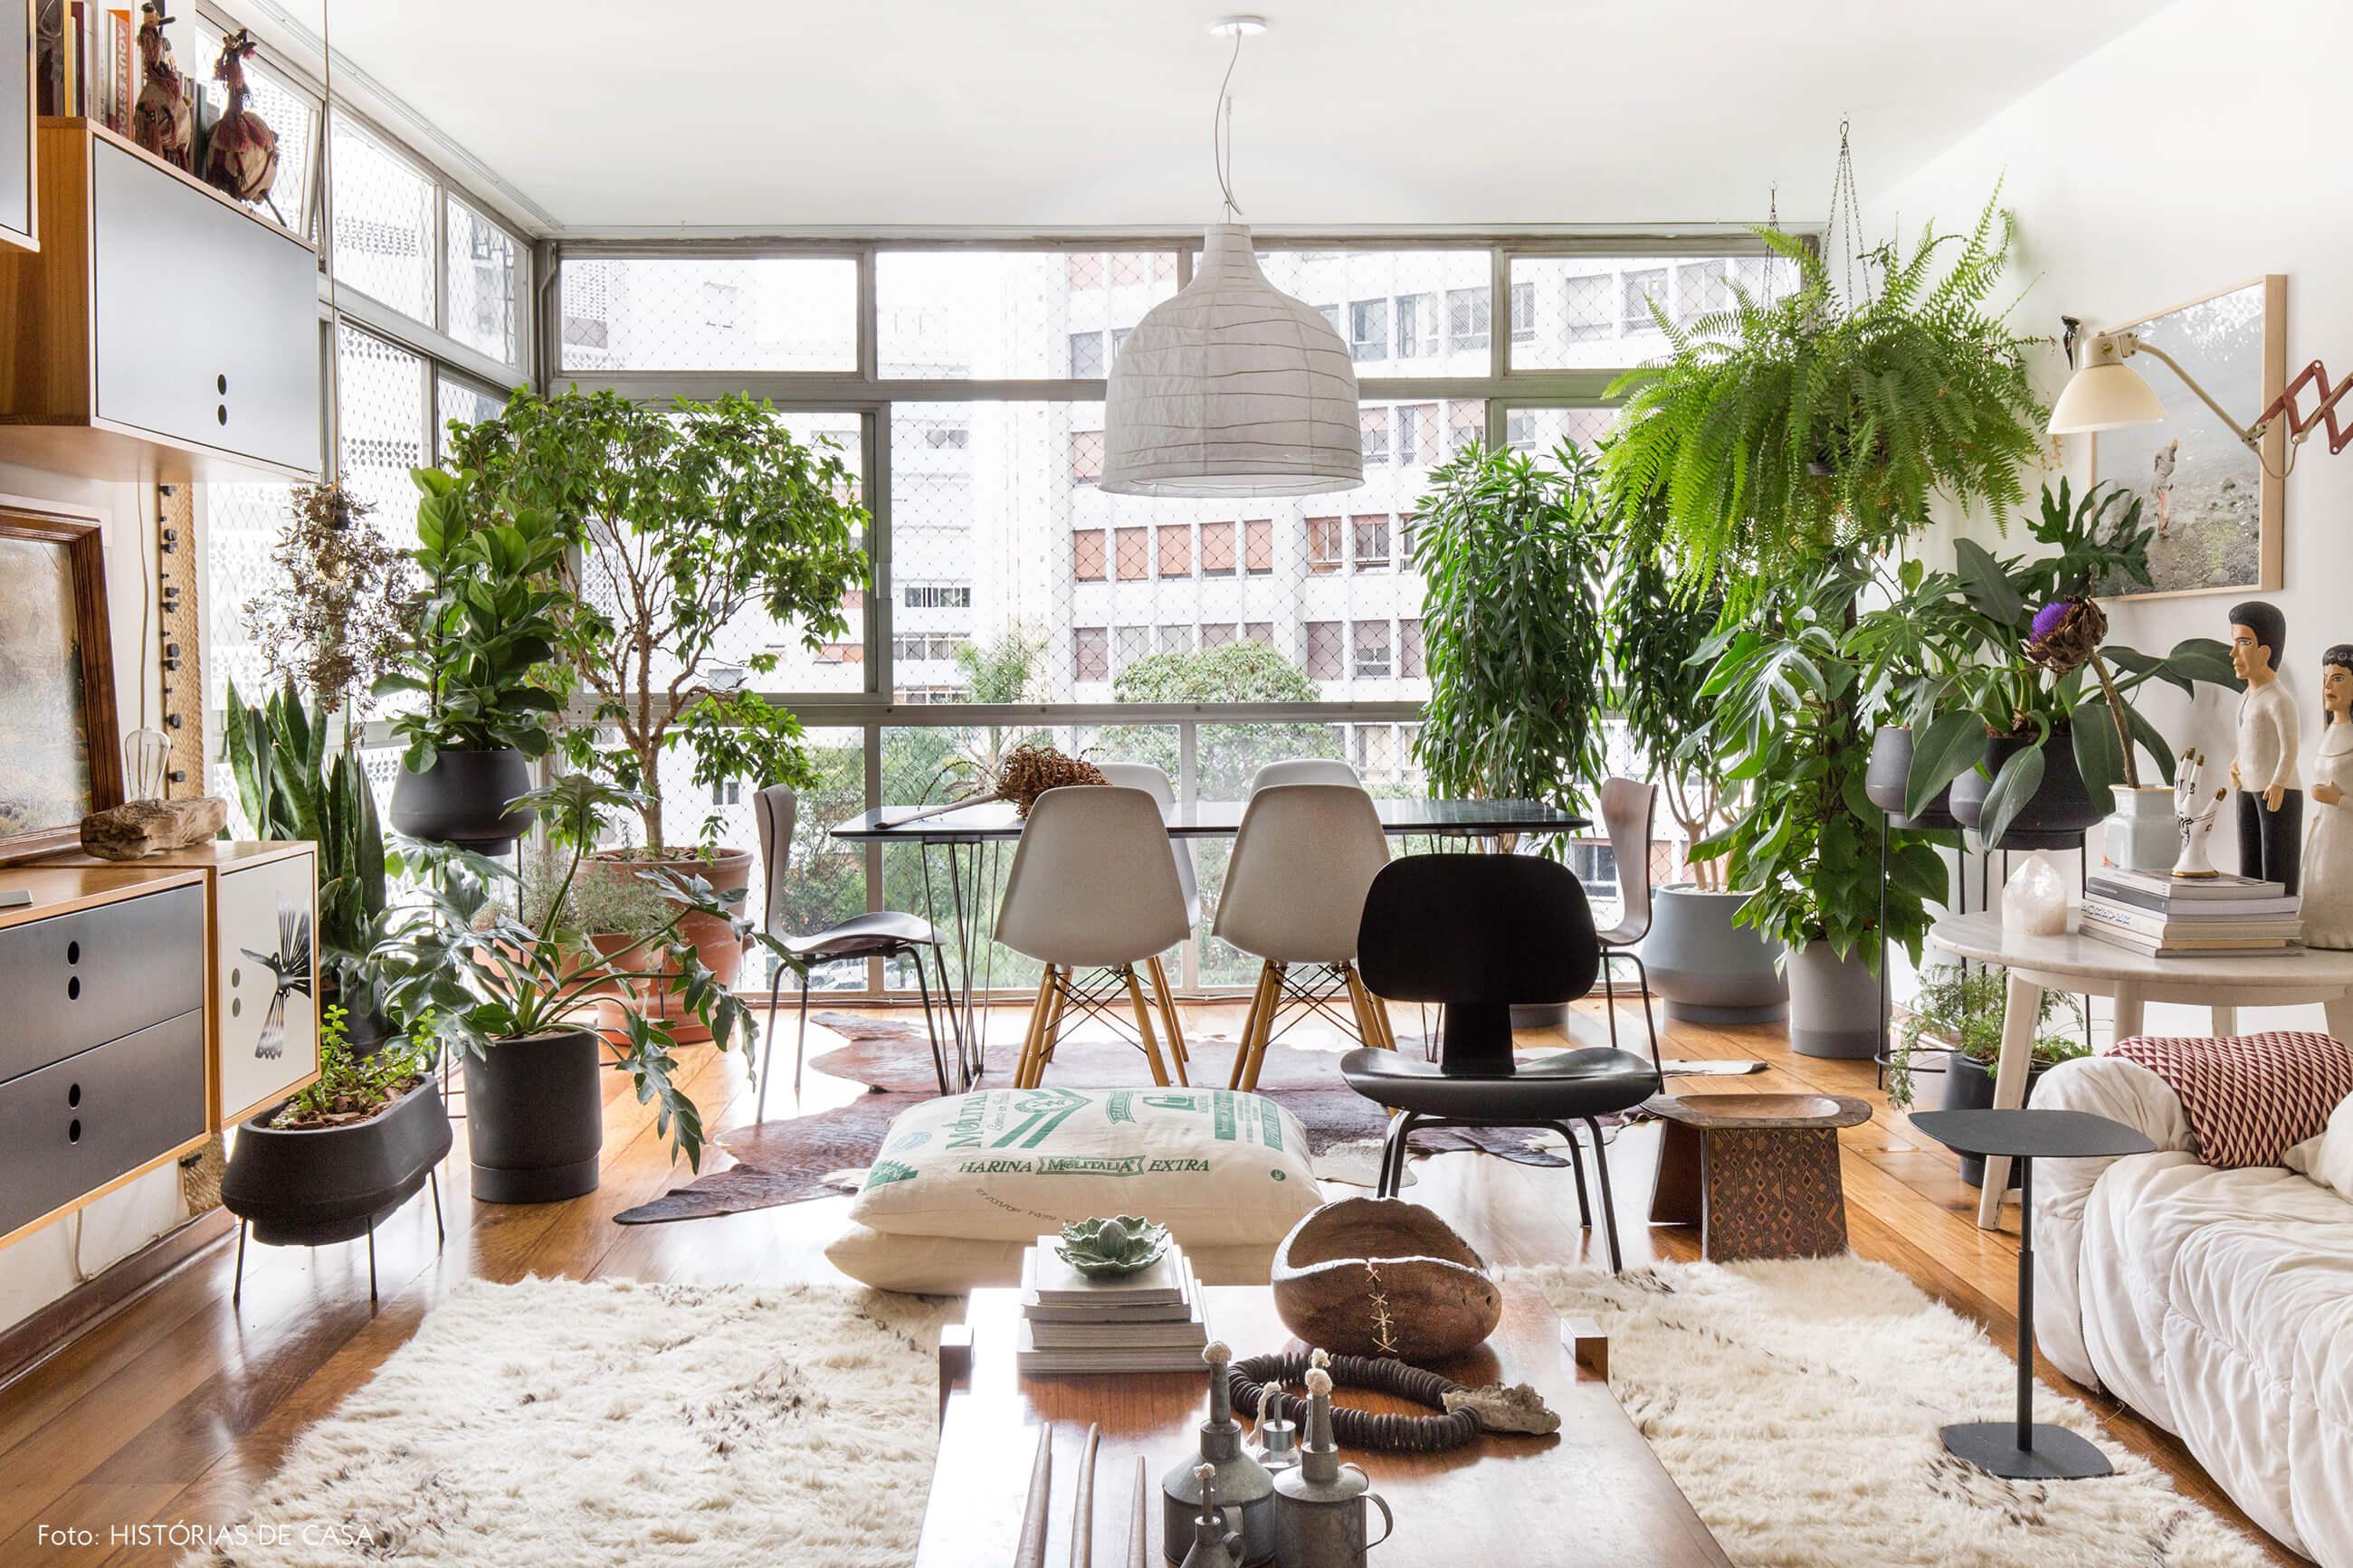 Sala de jantar com plantas, grandes janelas e tons neutros